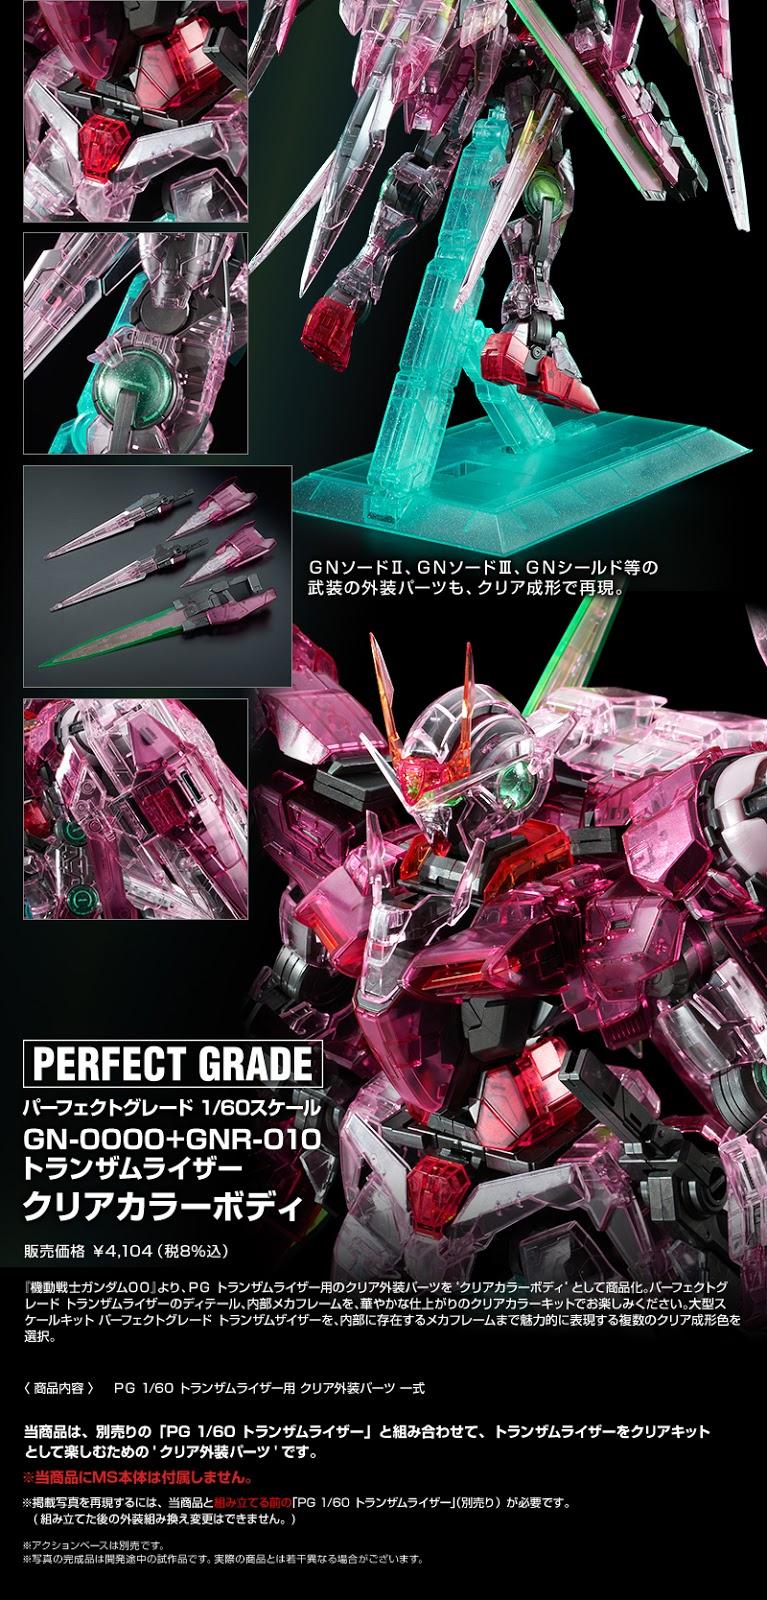 P-Bandai: PG 1/60 00 Raiser Trans-Am Clear